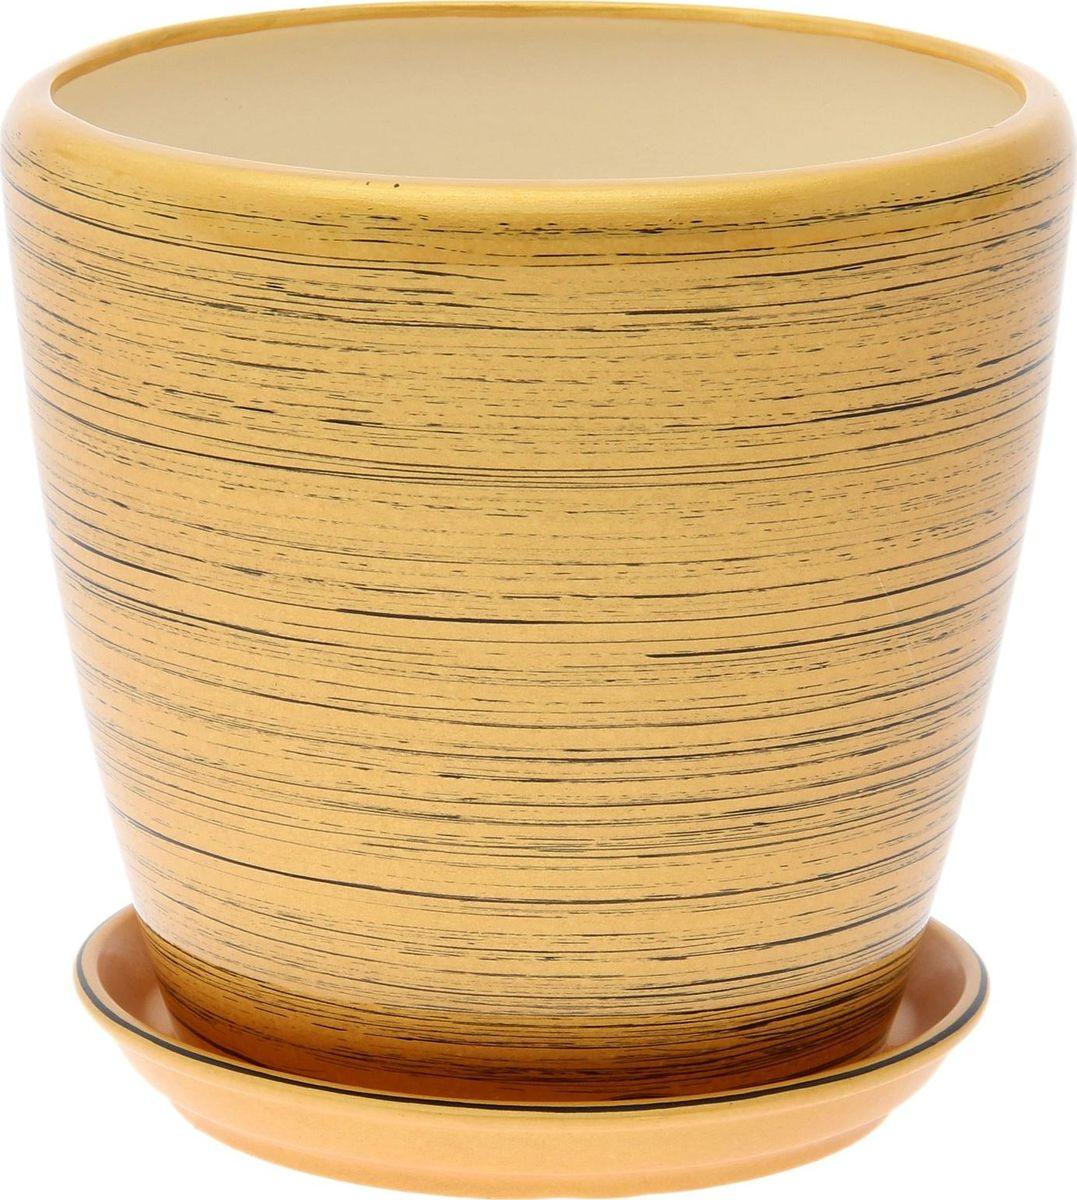 Кашпо Керамика ручной работы Грация. Глянец, цвет: черный, золотой, 10 л1489669Комнатные растения — всеобщие любимцы. Они радуют глаз, насыщают помещение кислородом и украшают пространство. Каждому из них необходим свой удобный и красивый дом. Кашпо из керамики прекрасно подходят для высадки растений: за счёт пластичности глины и разных способов обработки существует великое множество форм и дизайновпористый материал позволяет испаряться лишней влагевоздух, необходимый для дыхания корней, проникает сквозь керамические стенки! #name# позаботится о зелёном питомце, освежит интерьер и подчеркнёт его стиль.